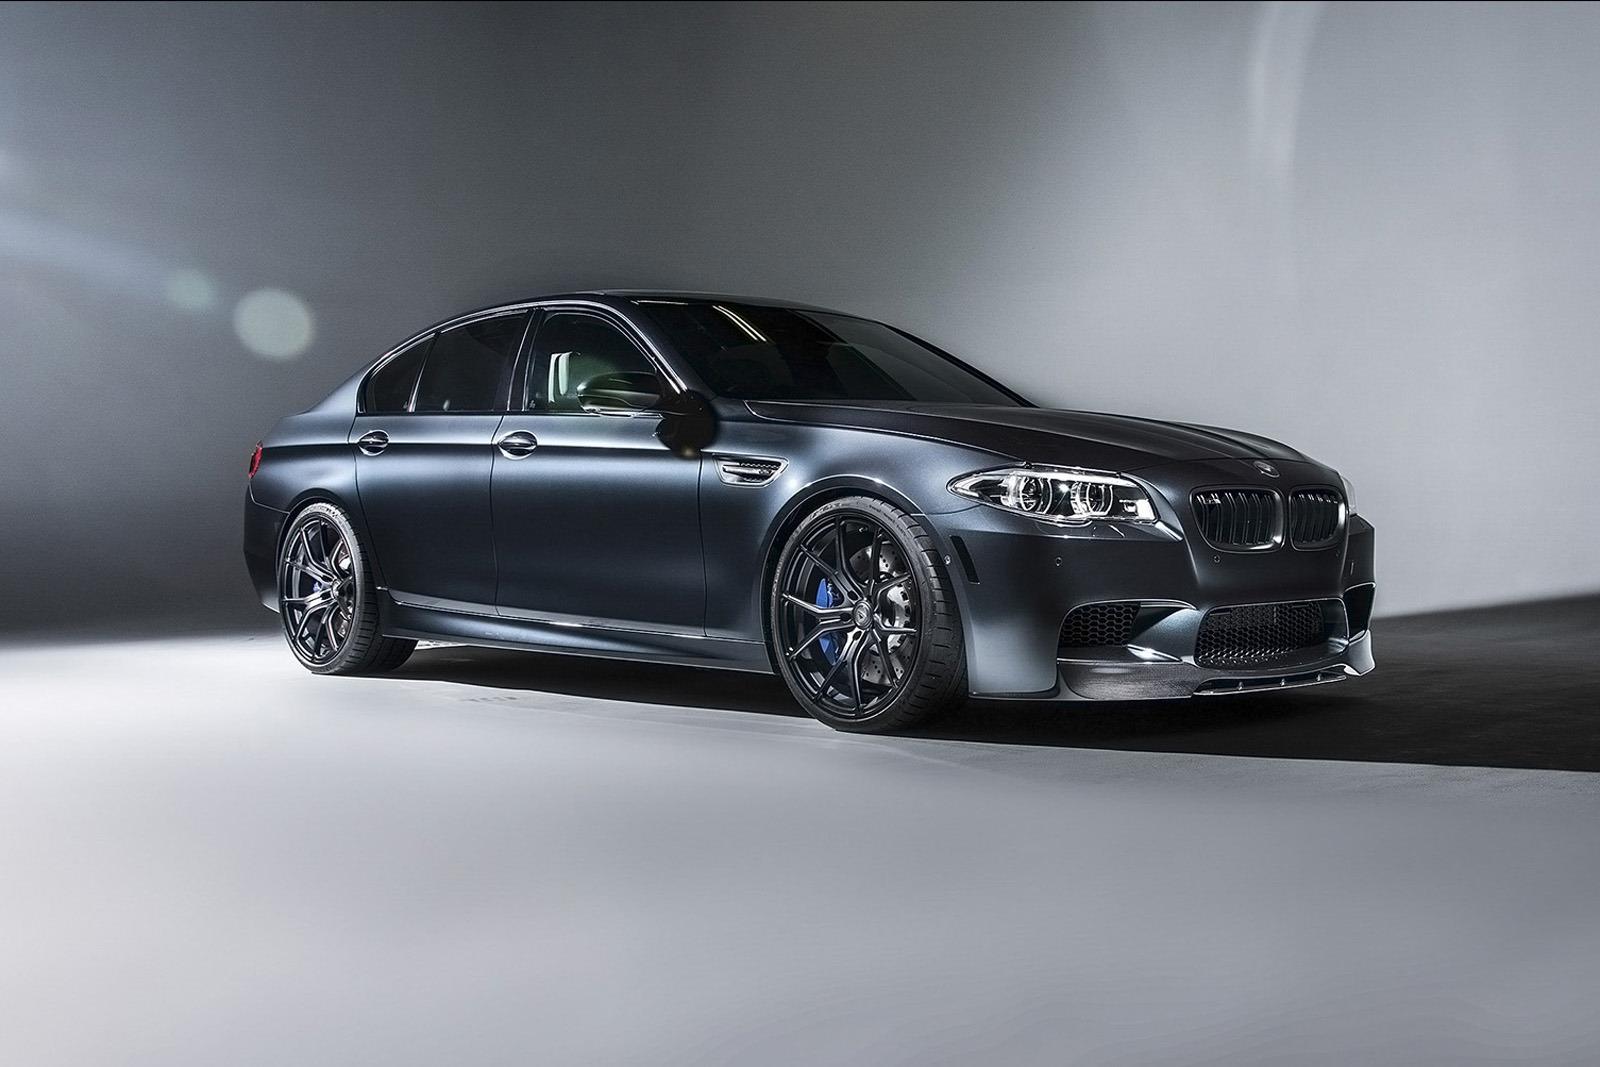 BMW Tuning: BMW F10 M5 tuned by Vorsteiner